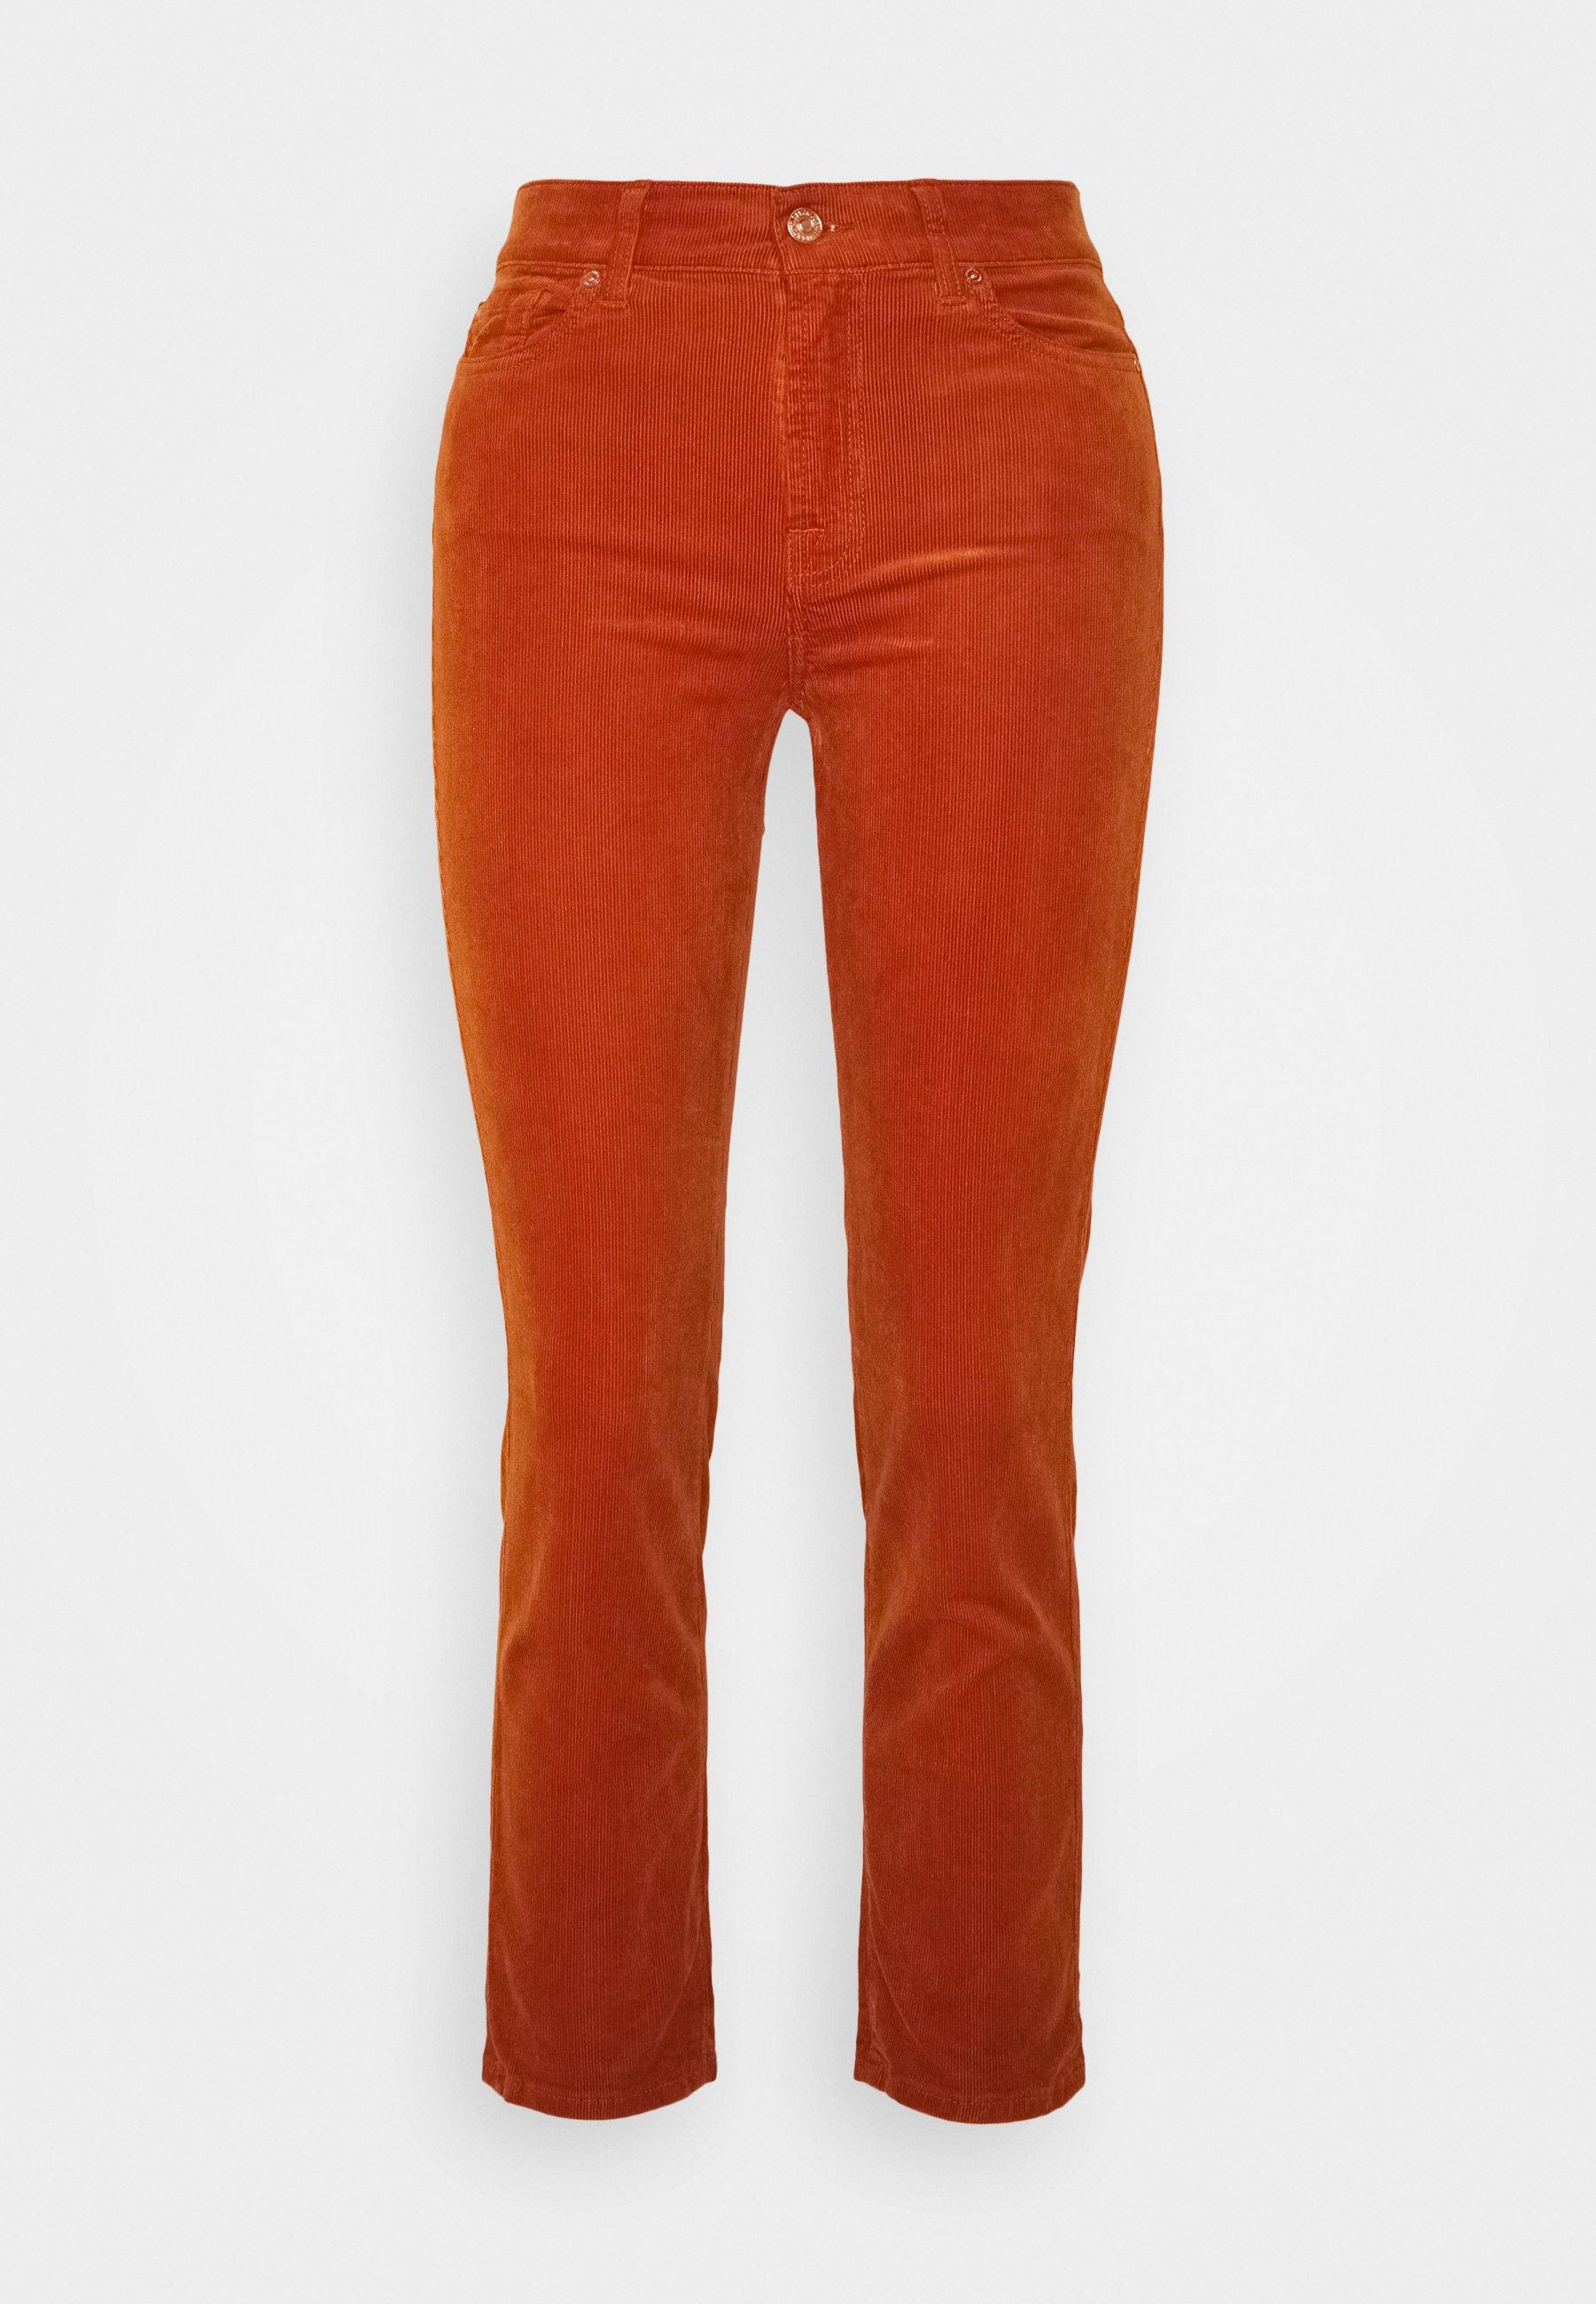 Pantalons en velours 7 for all mankind | La sélection de Zalando